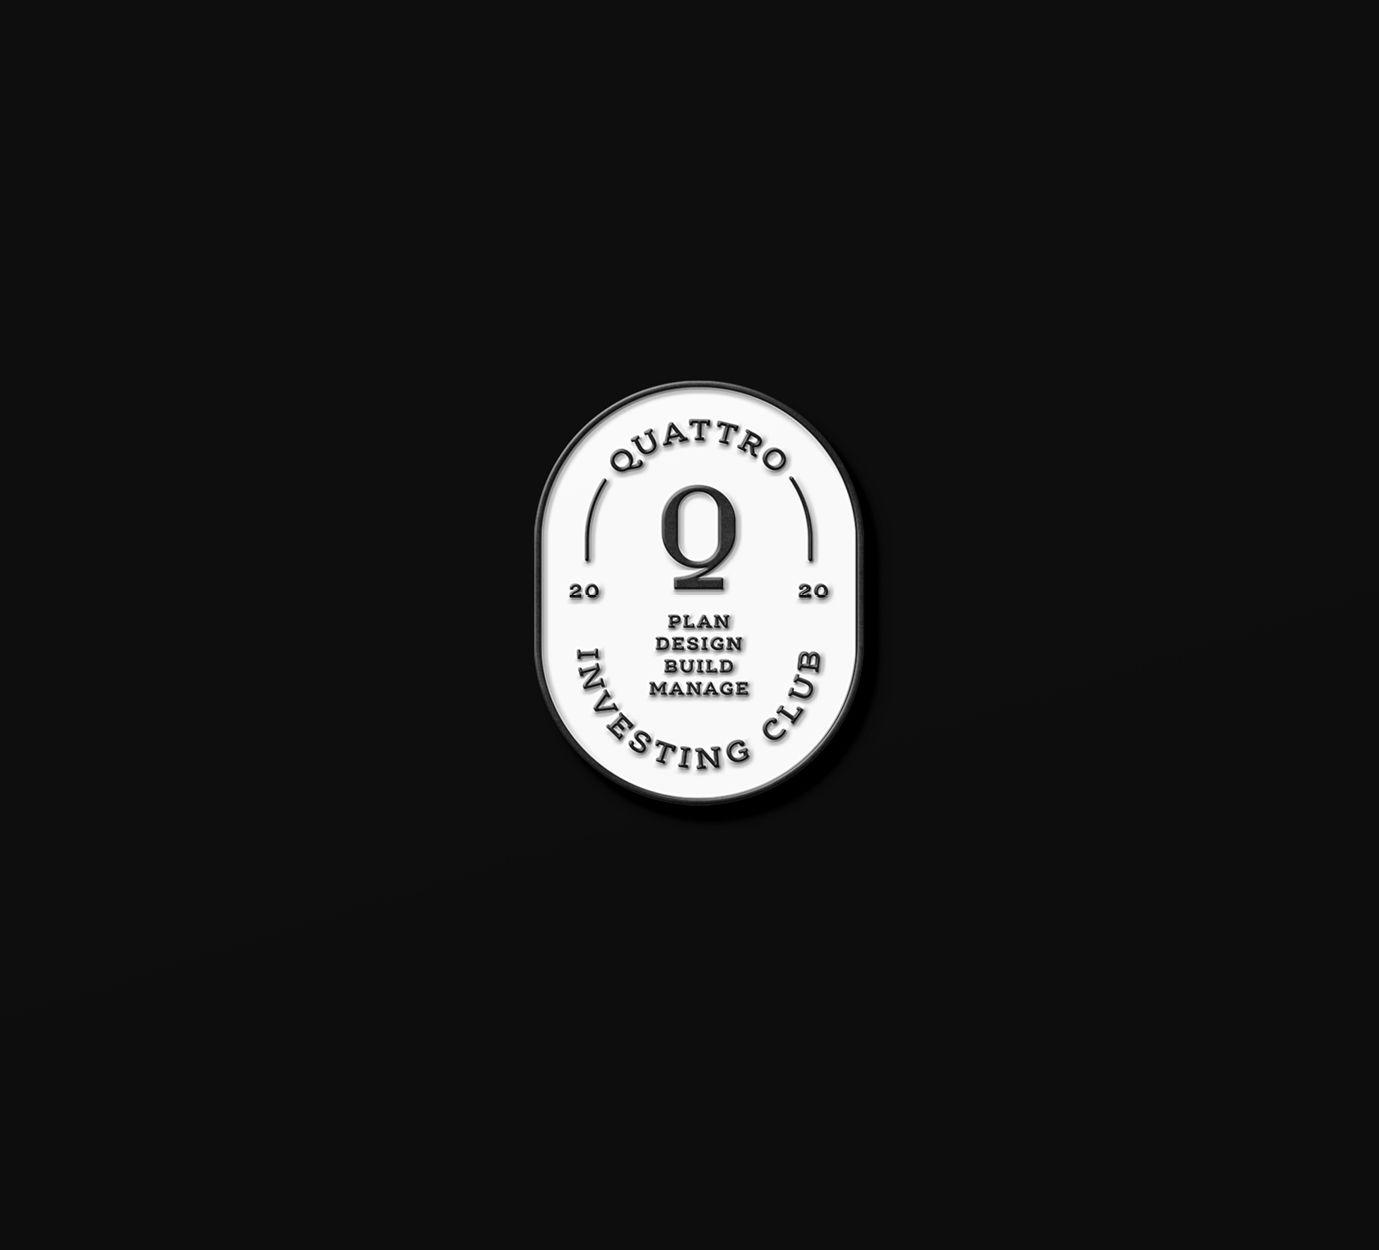 Quattro Investing Club pin